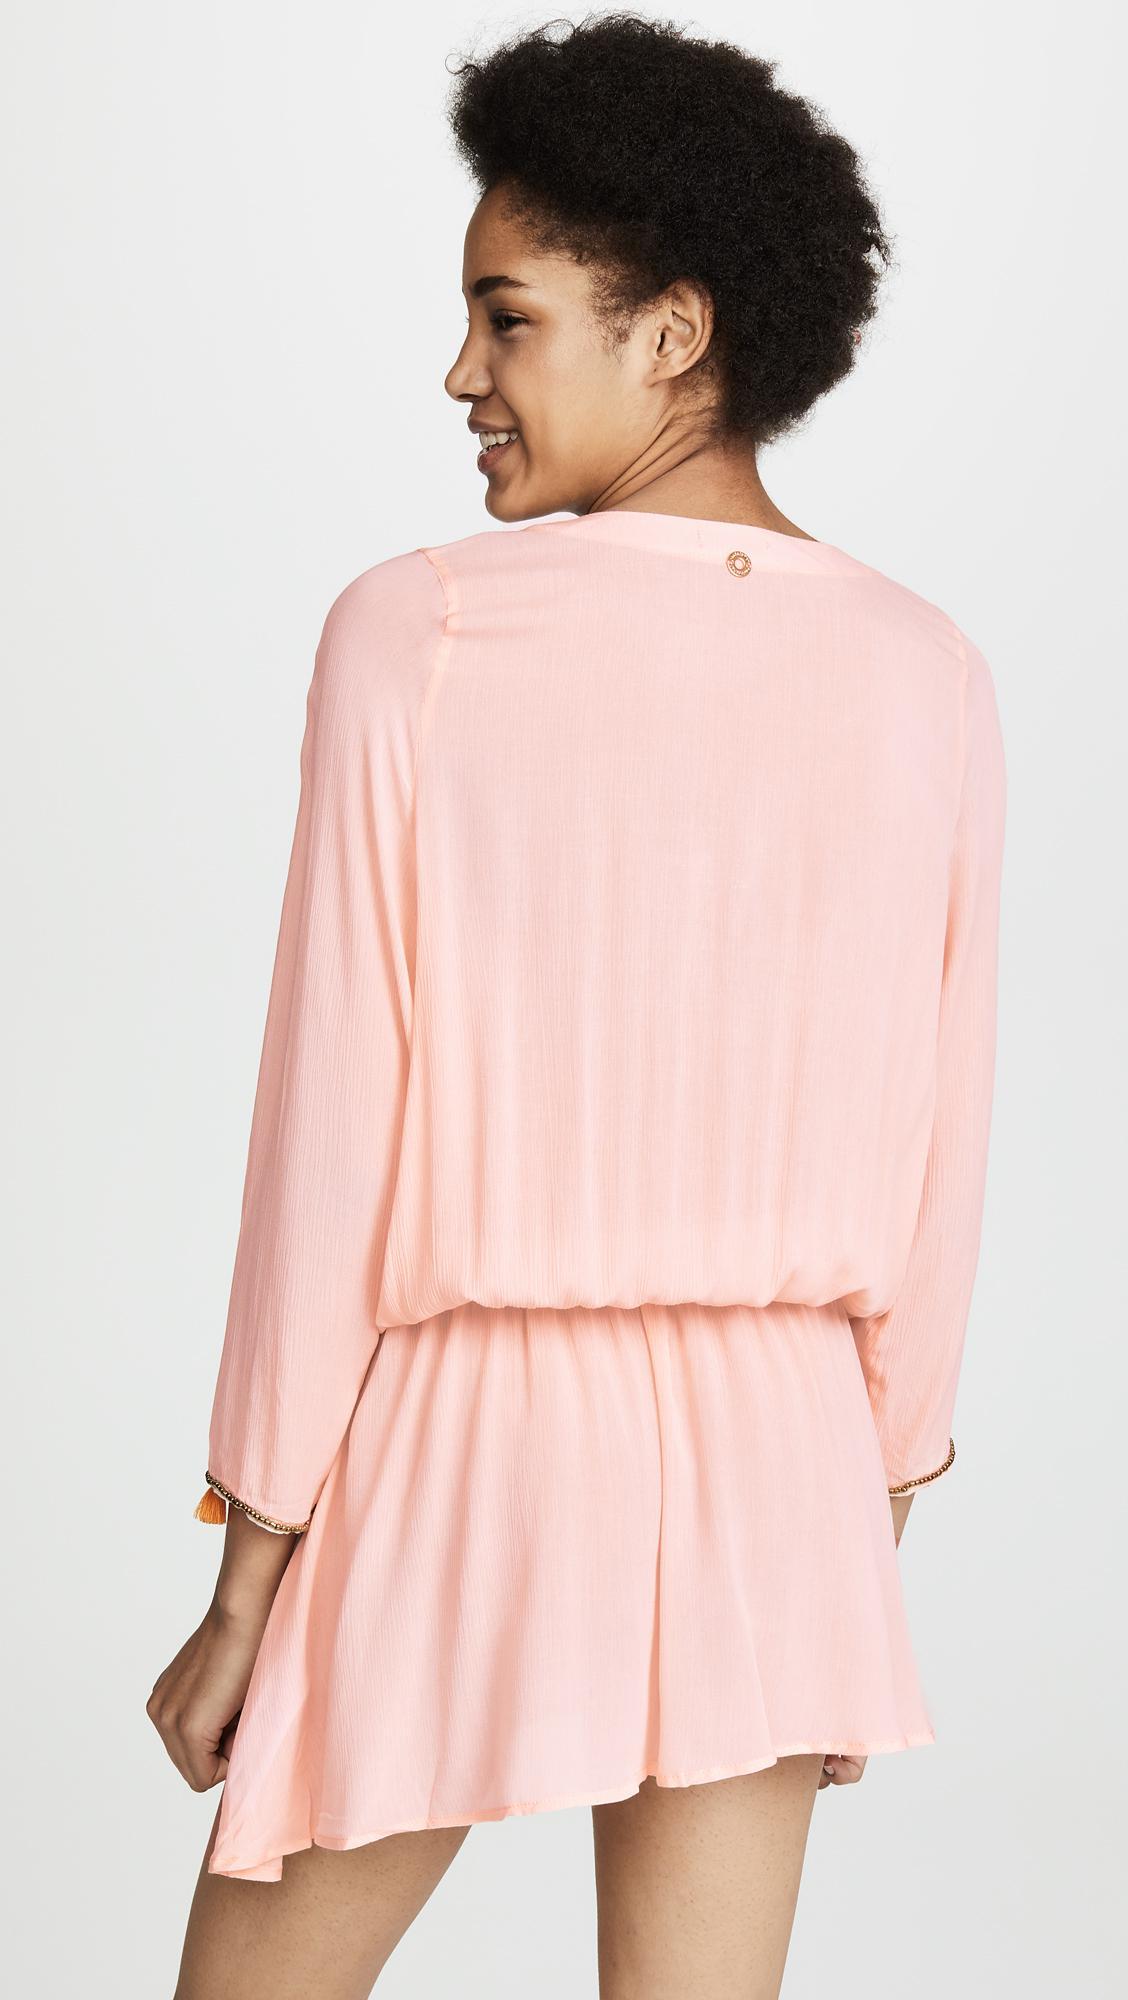 faac971cf7bf OndadeMar - Pink Cover Up Dress - Lyst. View fullscreen